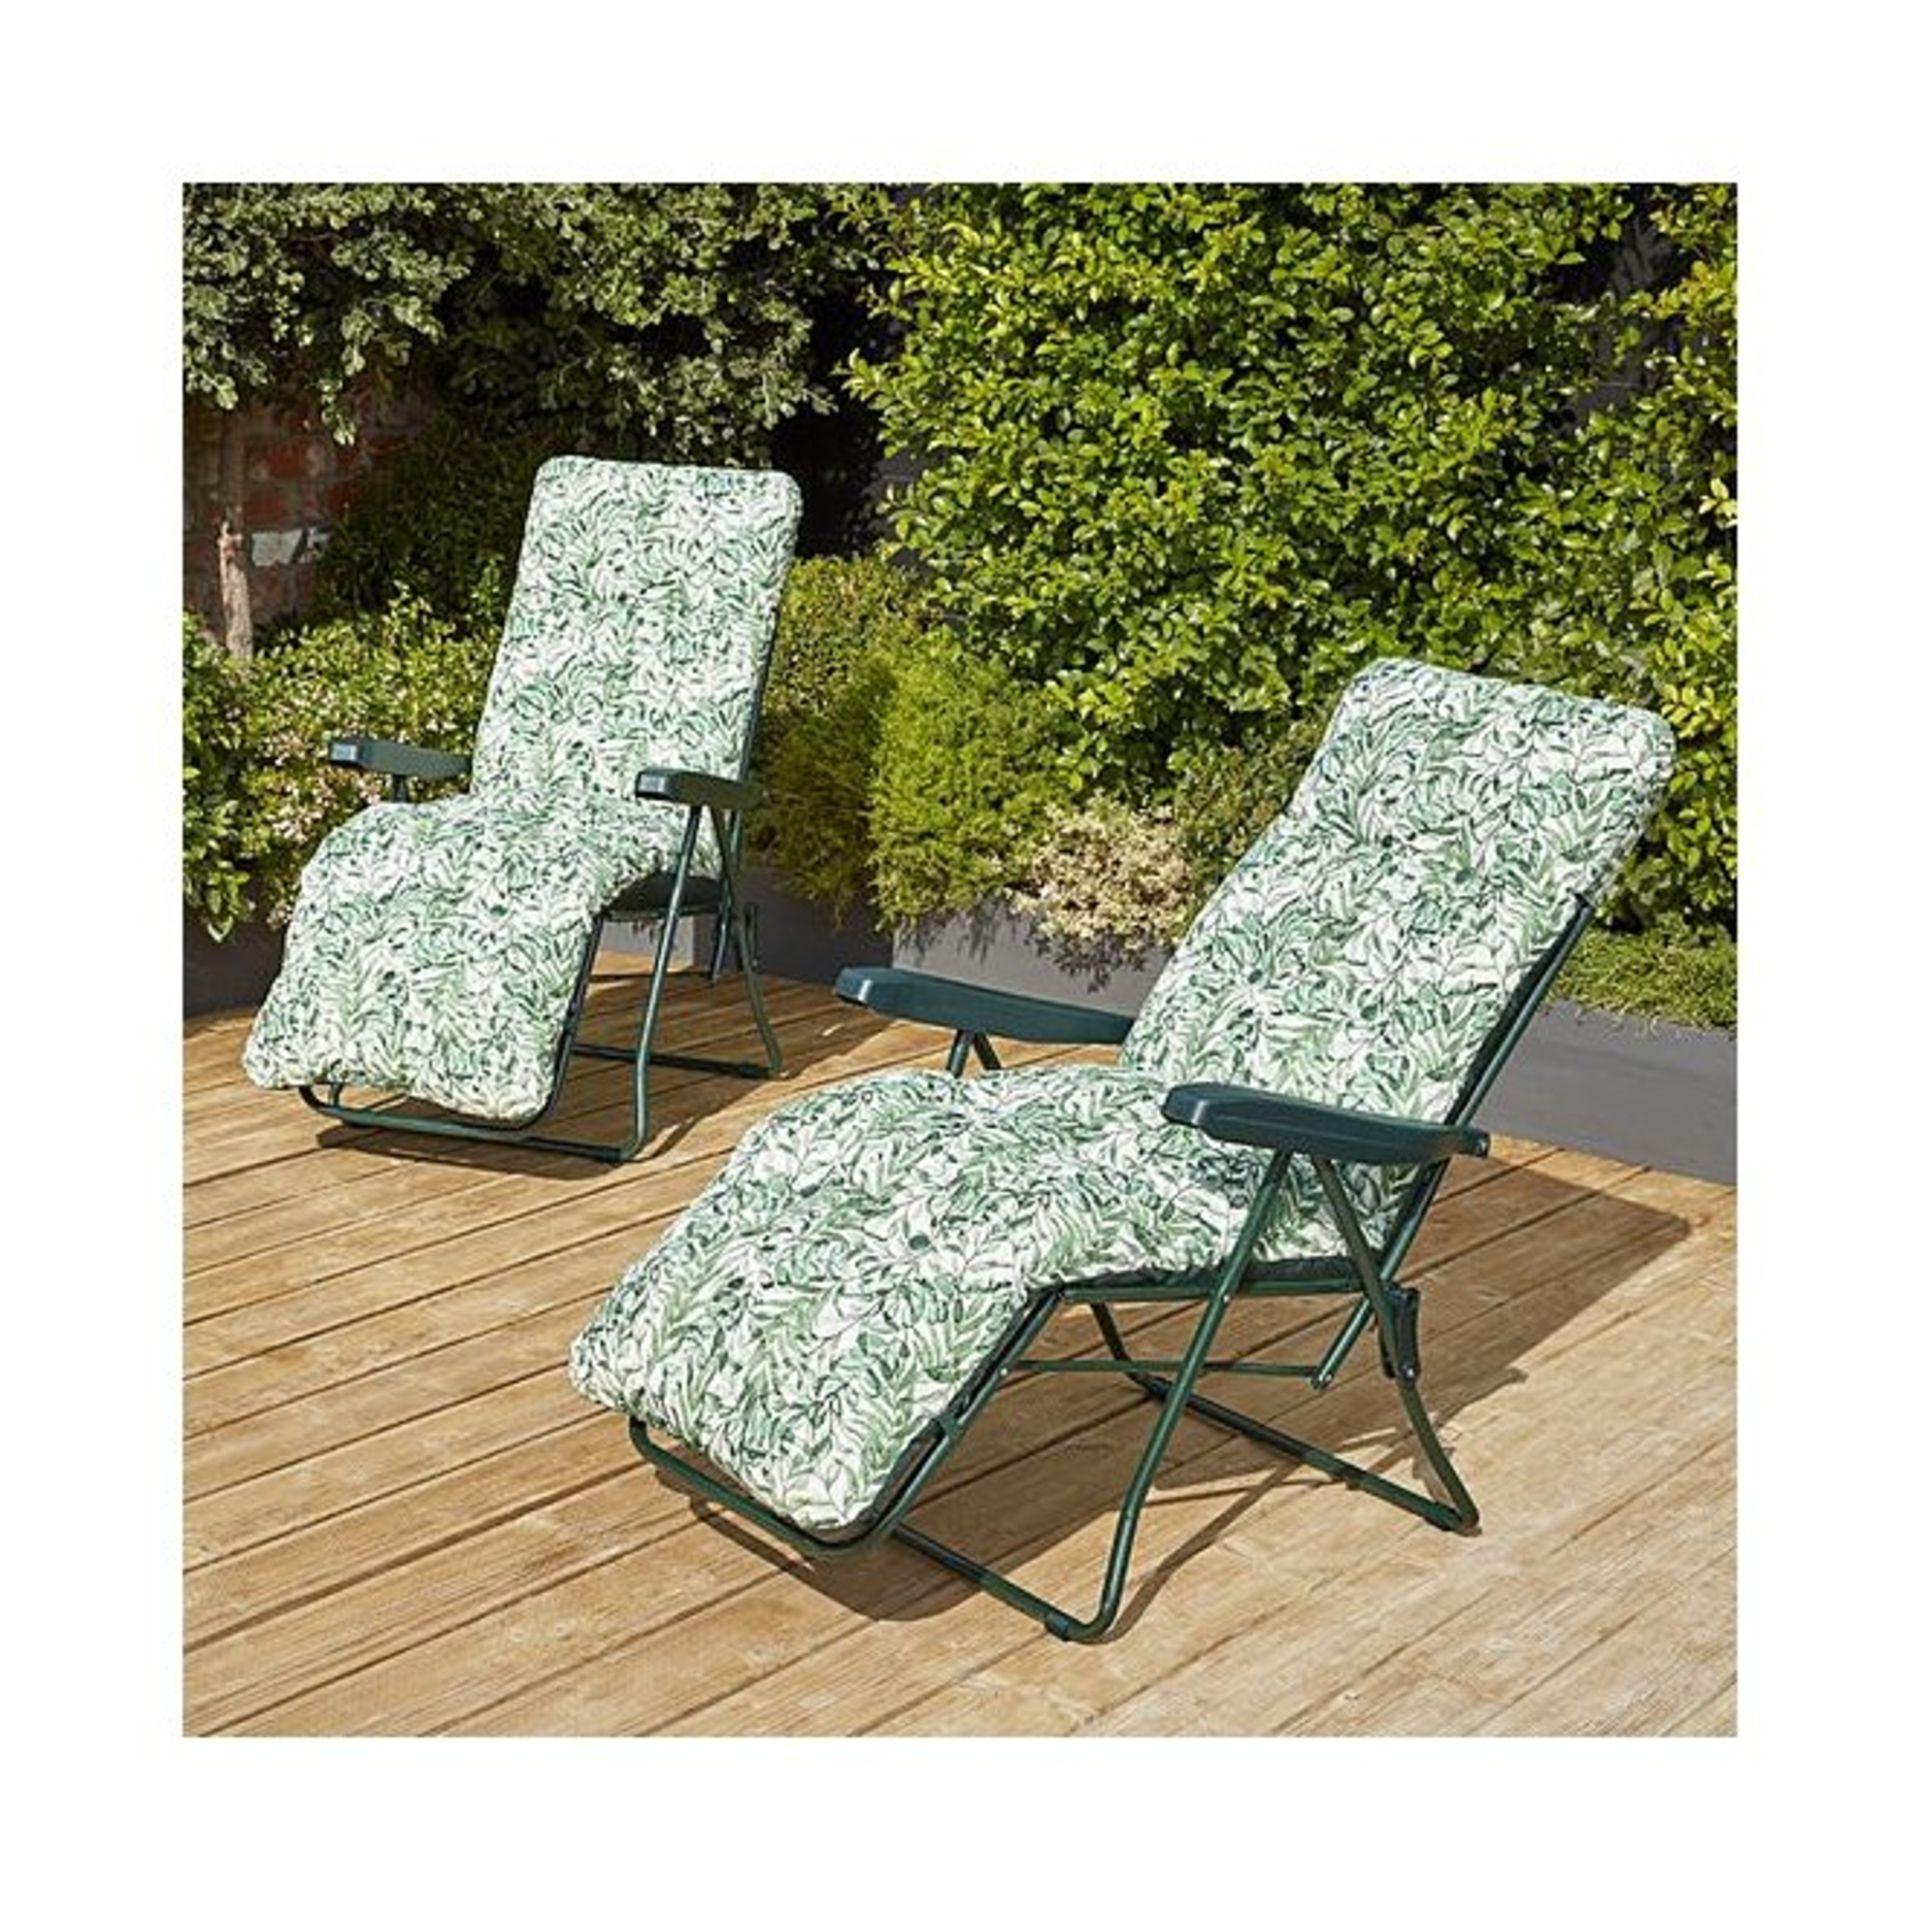 (3A) 2x Fern Pattern Green Reclining Garden Chair. - Image 2 of 4